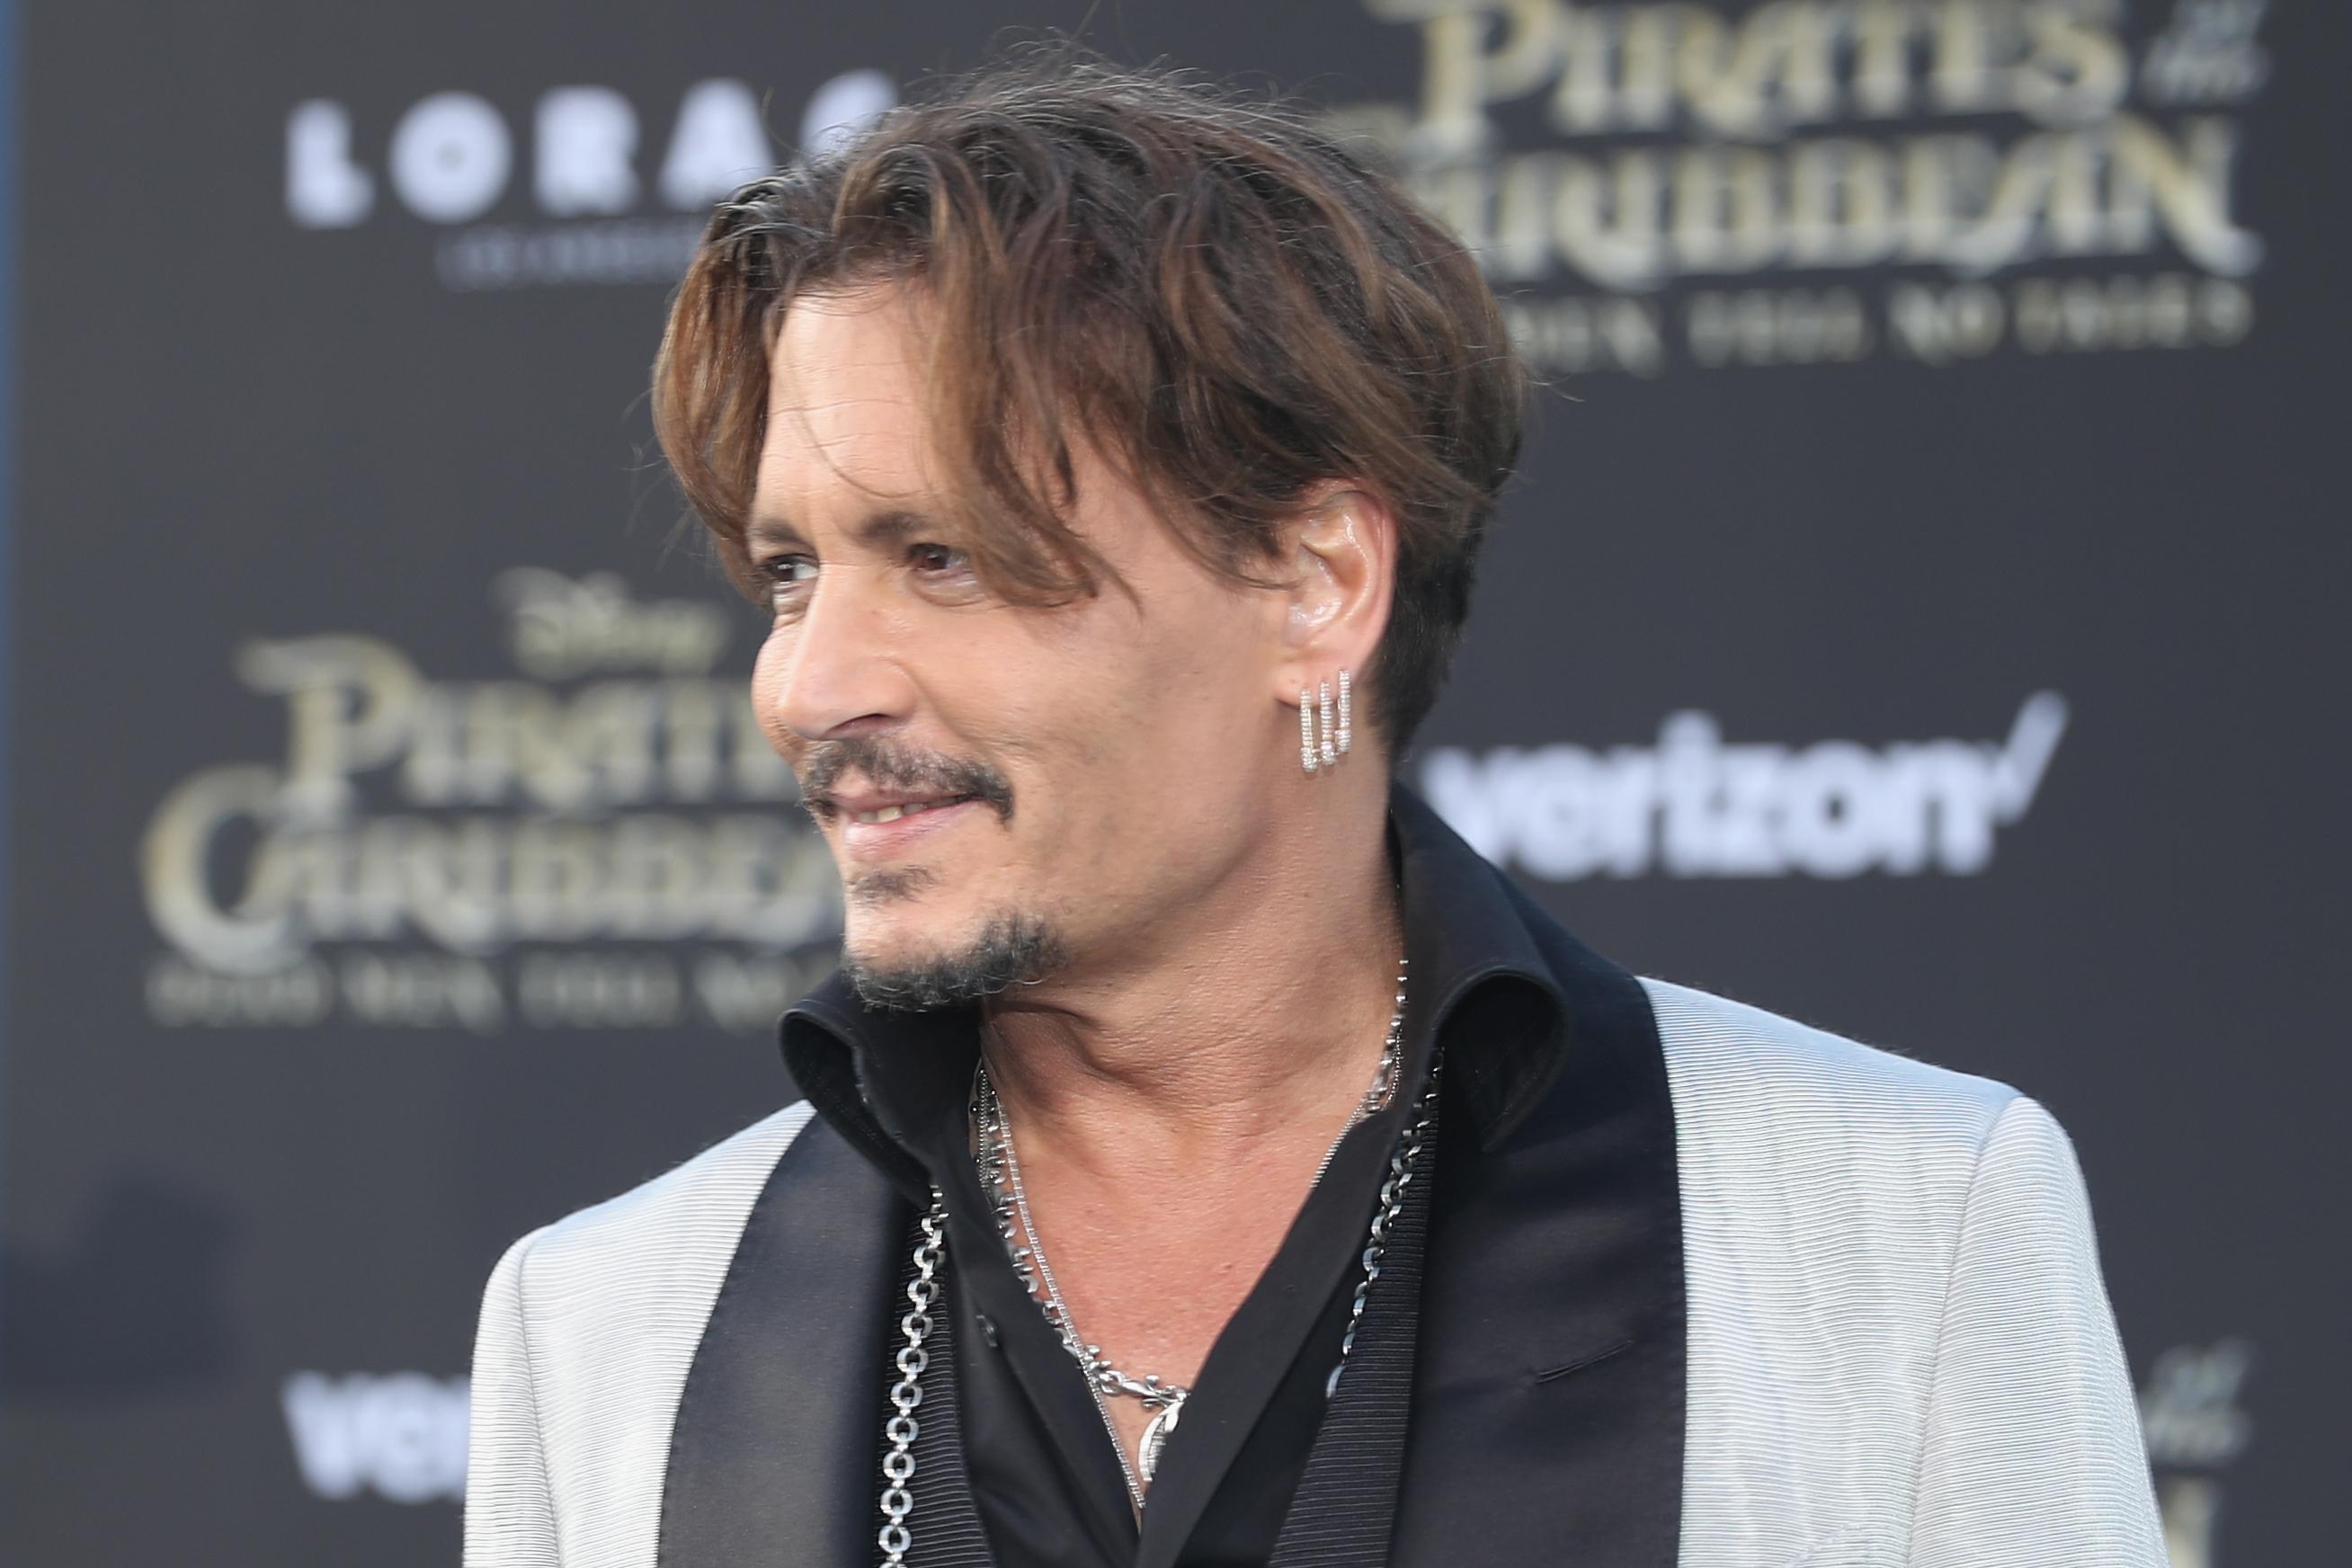 ¡Ups! Demandaron a Johnny Depp por pegarle a un miembro de su equipo de filmación